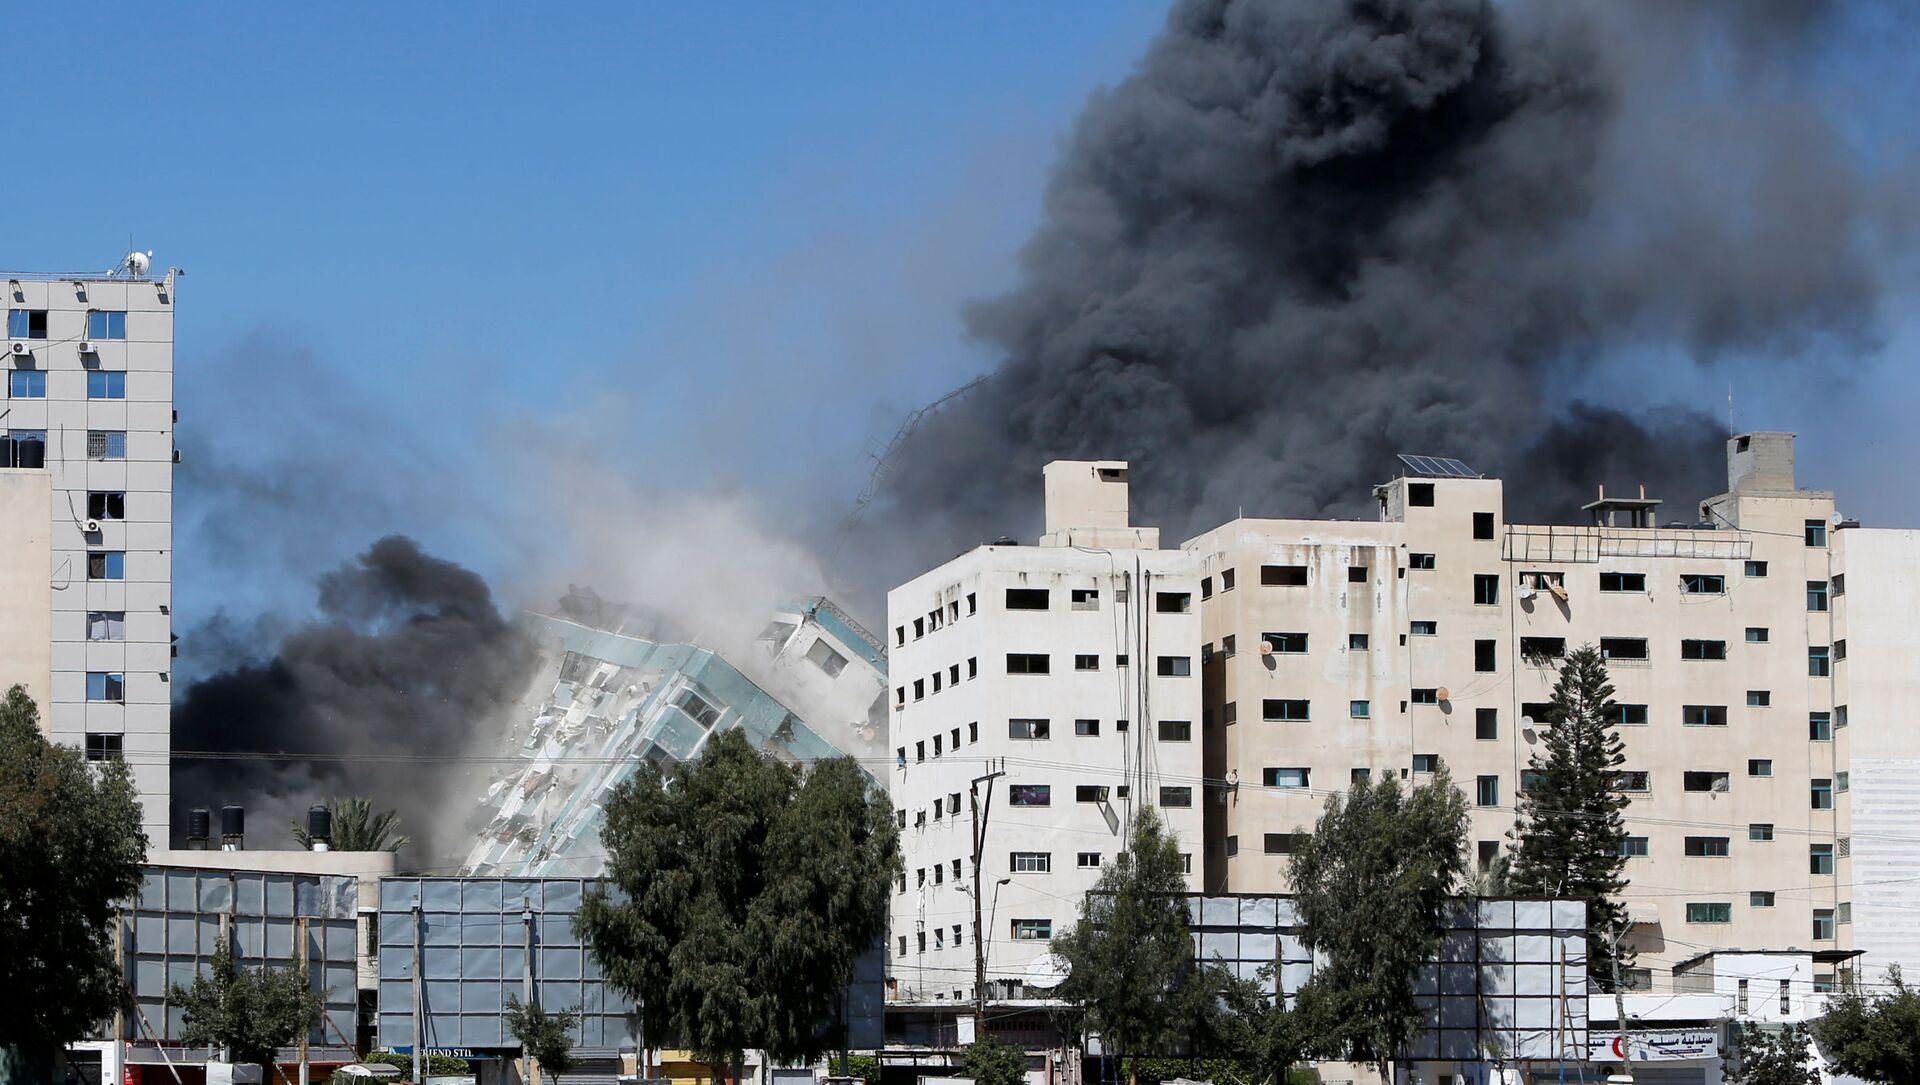 İsrail, Gazze'de uluslararası televizyonların bulunduğu binayı bombaladı - Sputnik Türkiye, 1920, 16.05.2021